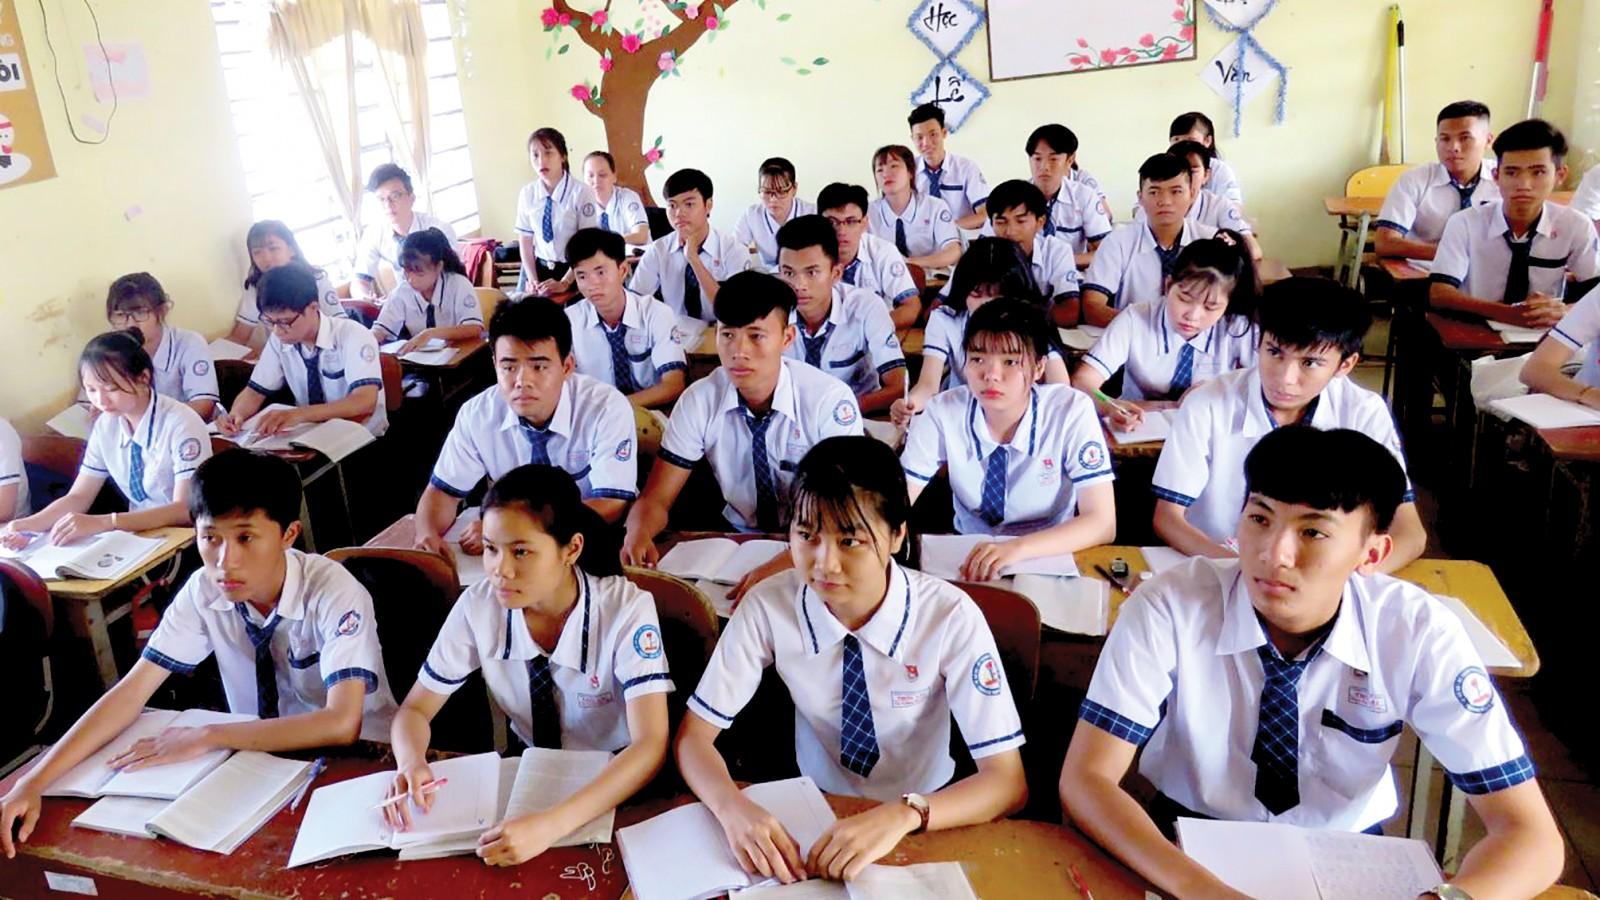 Giờ học môn Ngữ văn học sinh lớp 12 Trường THPT Thới Lai. Ảnh: BÍCH KIÊN